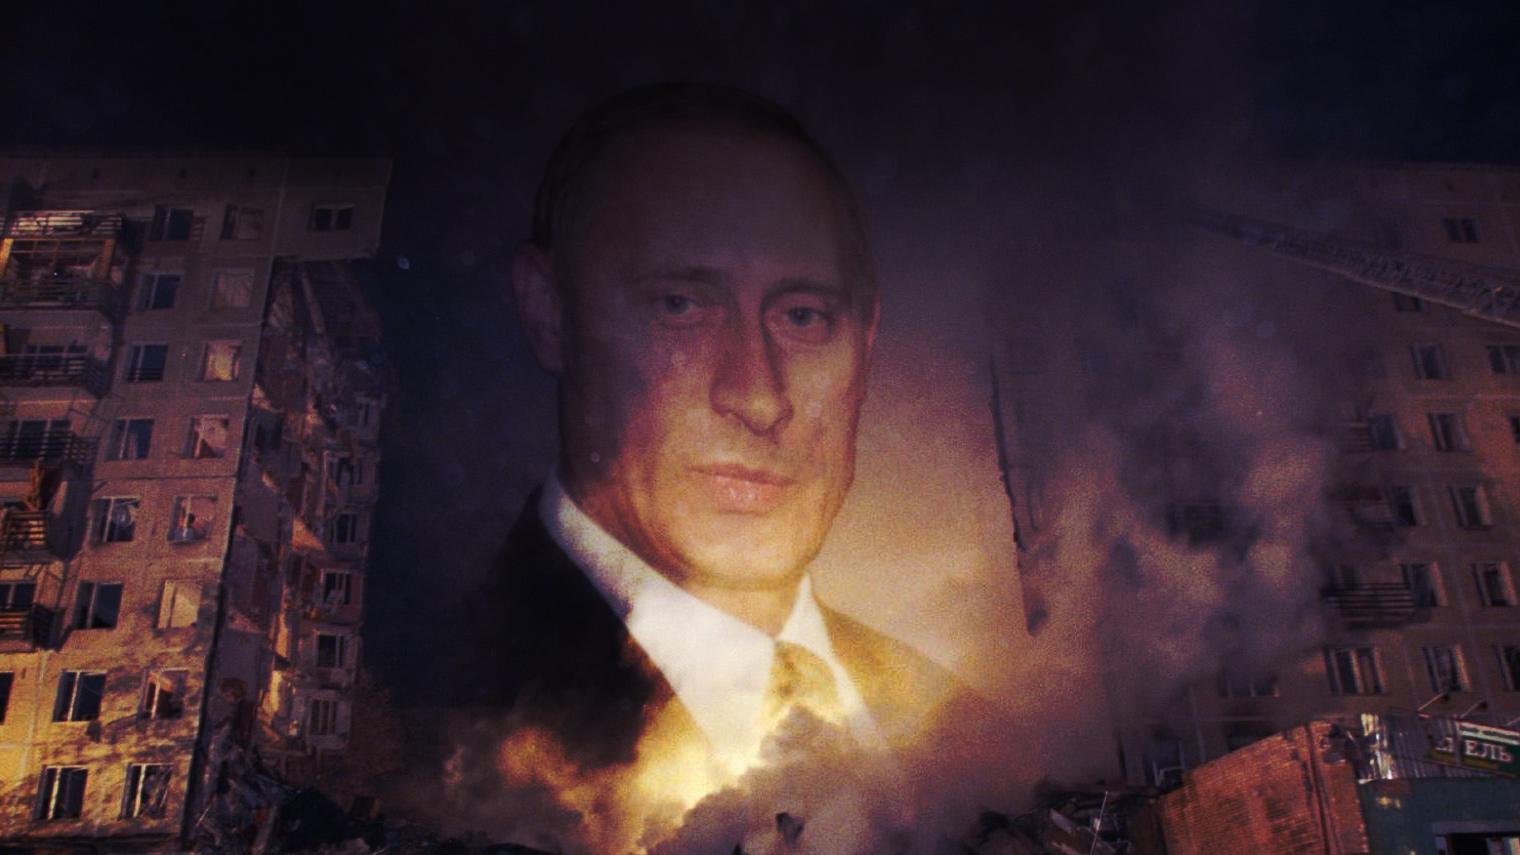 Putyint az oroszok 2 százaléka akarta elnöknek, aztán felrobbantak a lakóházak, és megváltozott az ország